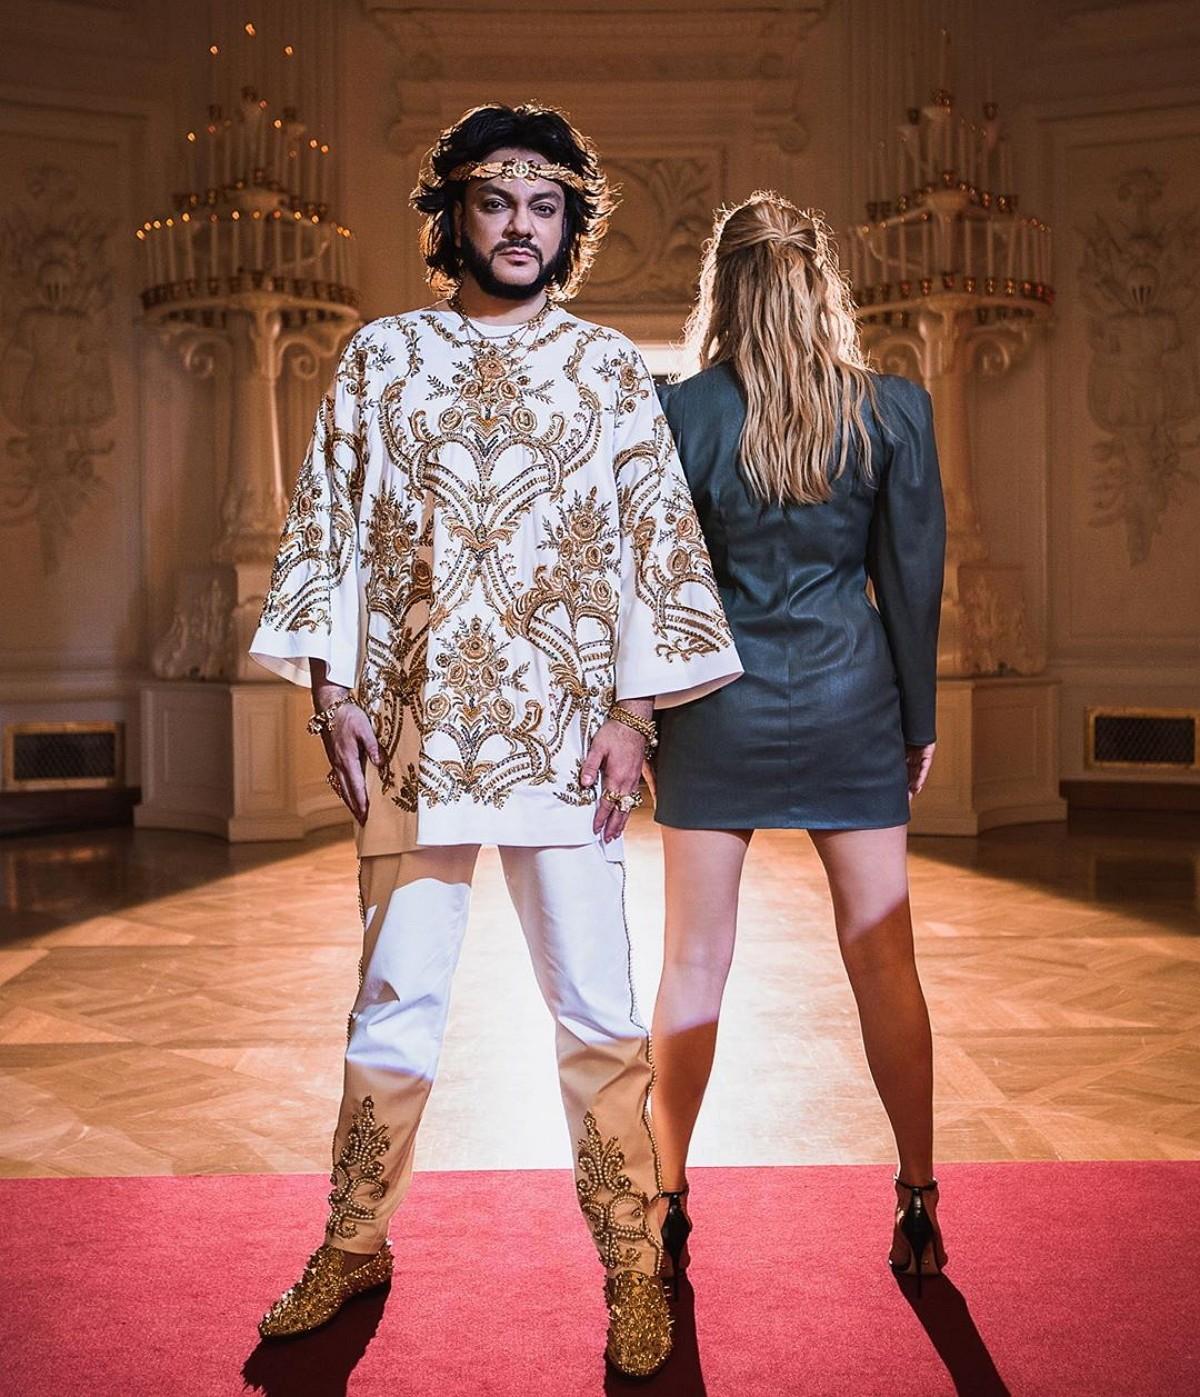 Киркоров заинтриговал поклонников, показав фото главной героини нового клипа со спины